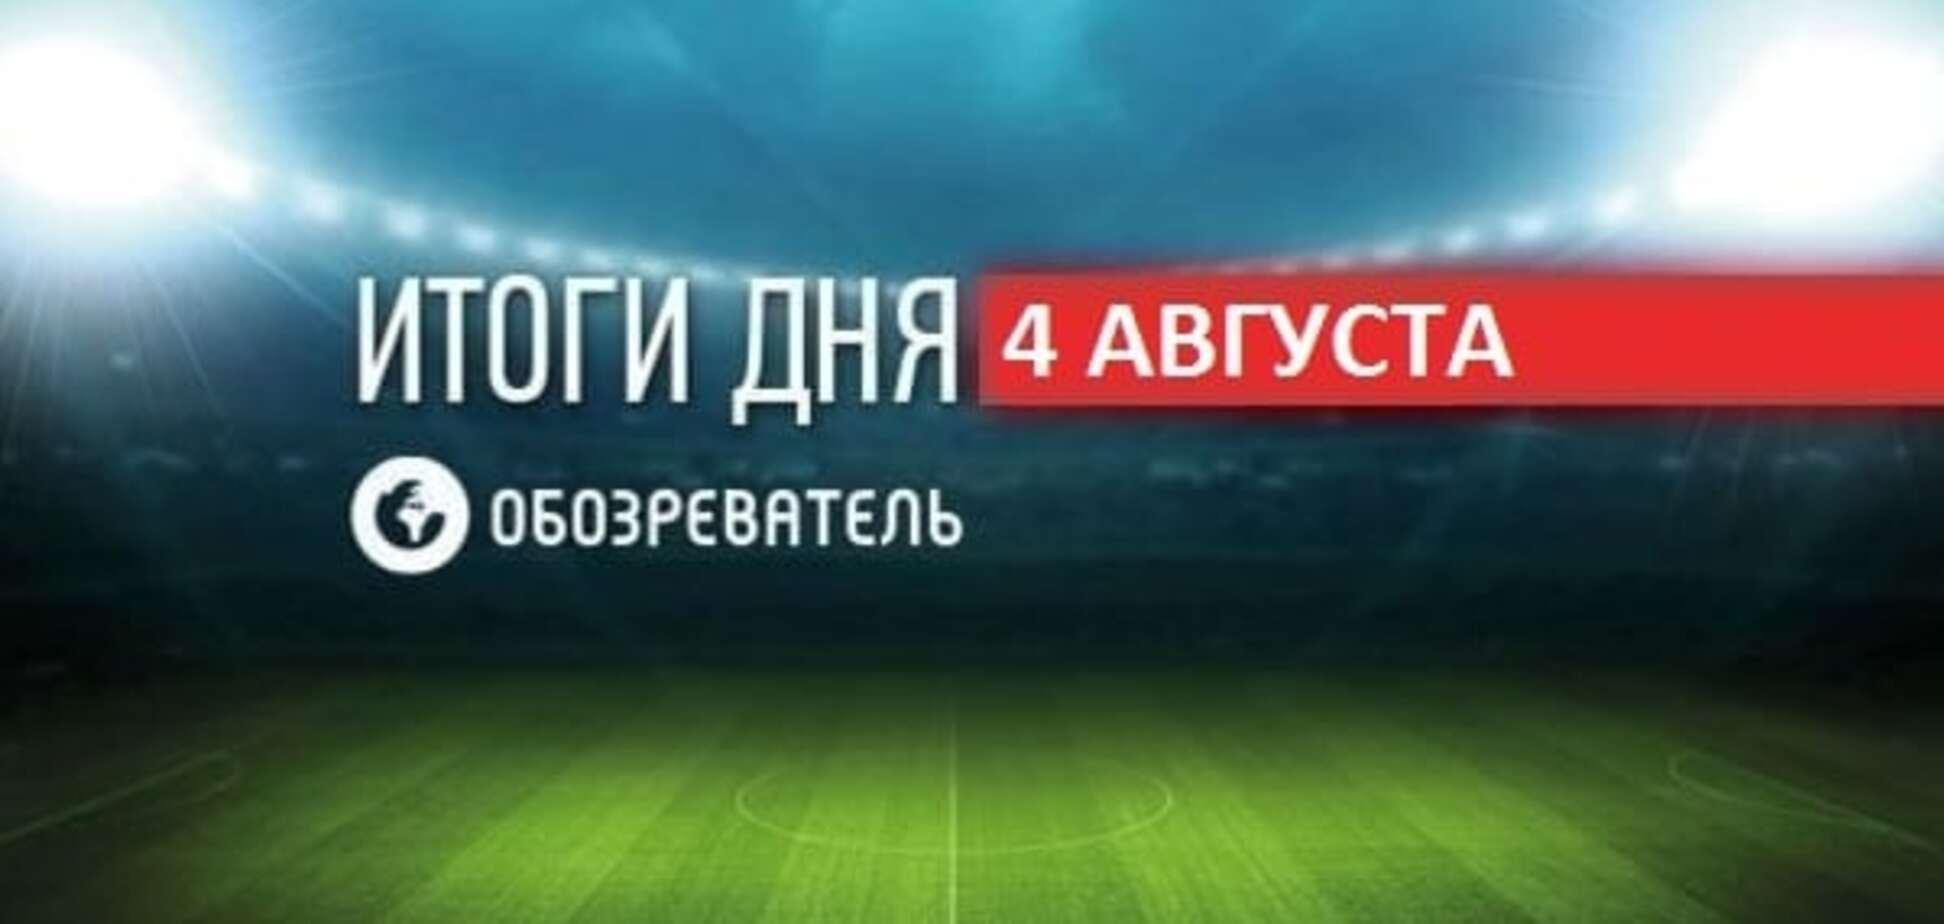 Українська чемпіонка світу продалася Росії. Спортивні підсумки за 4 серпня